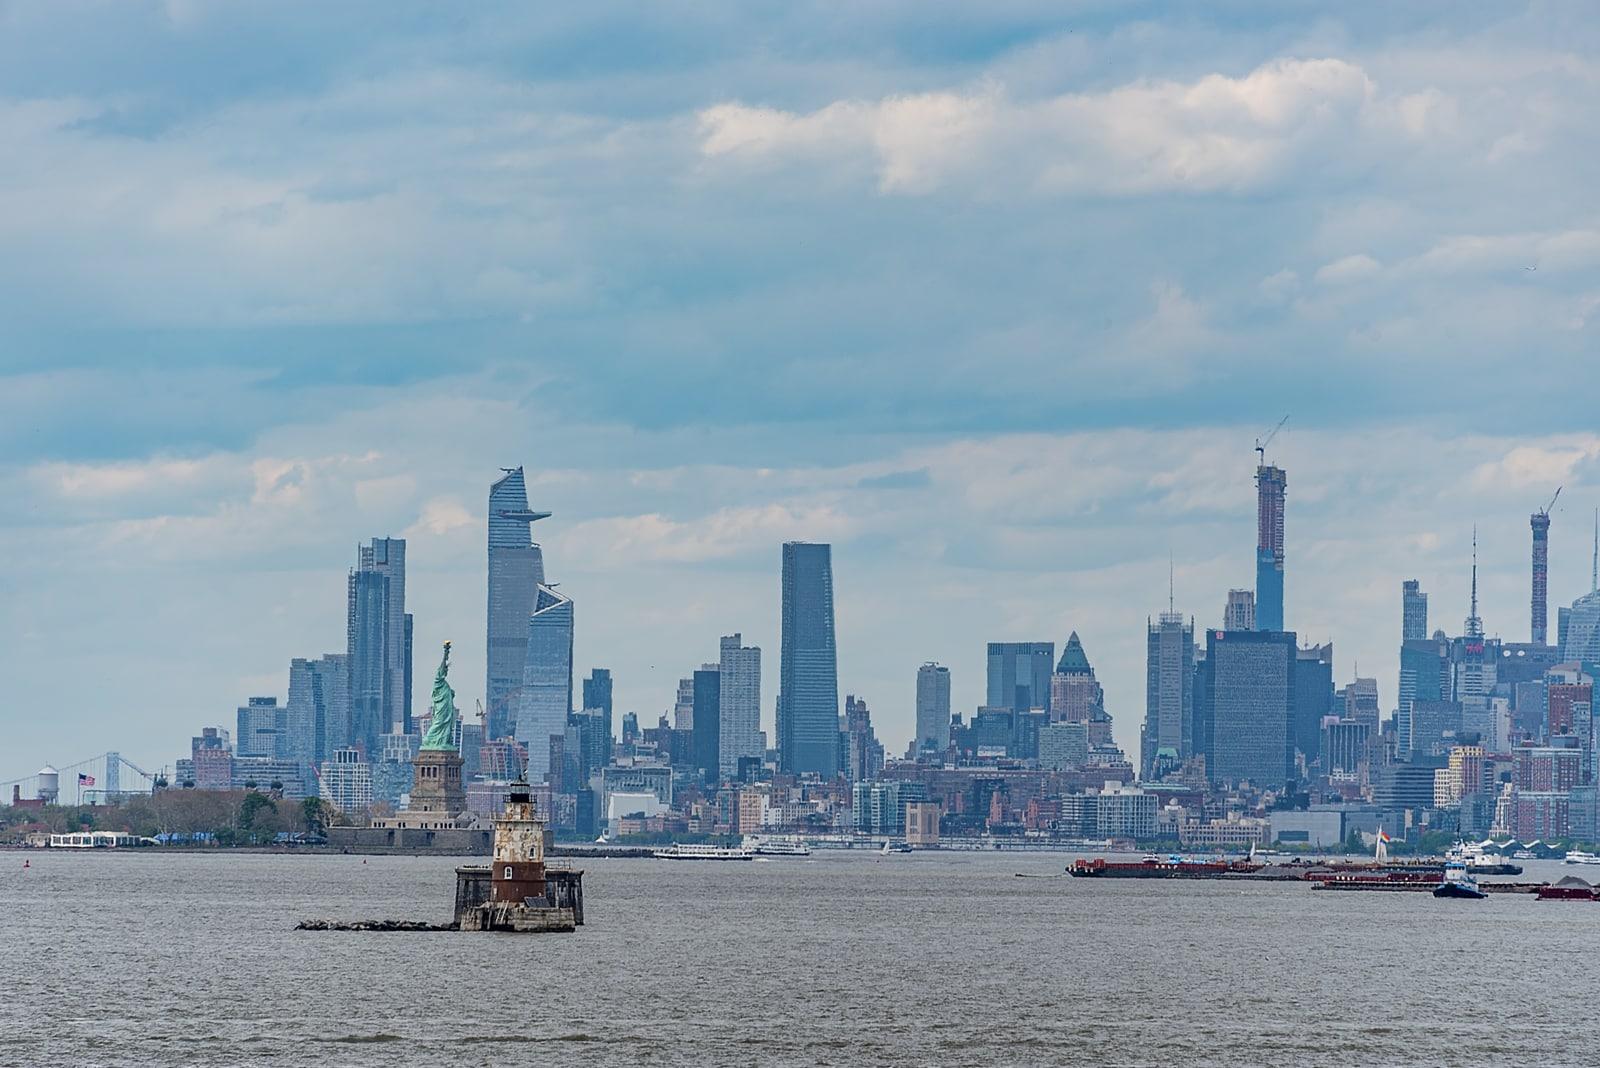 Emerson Hill Staten Island, NY Private Investigator